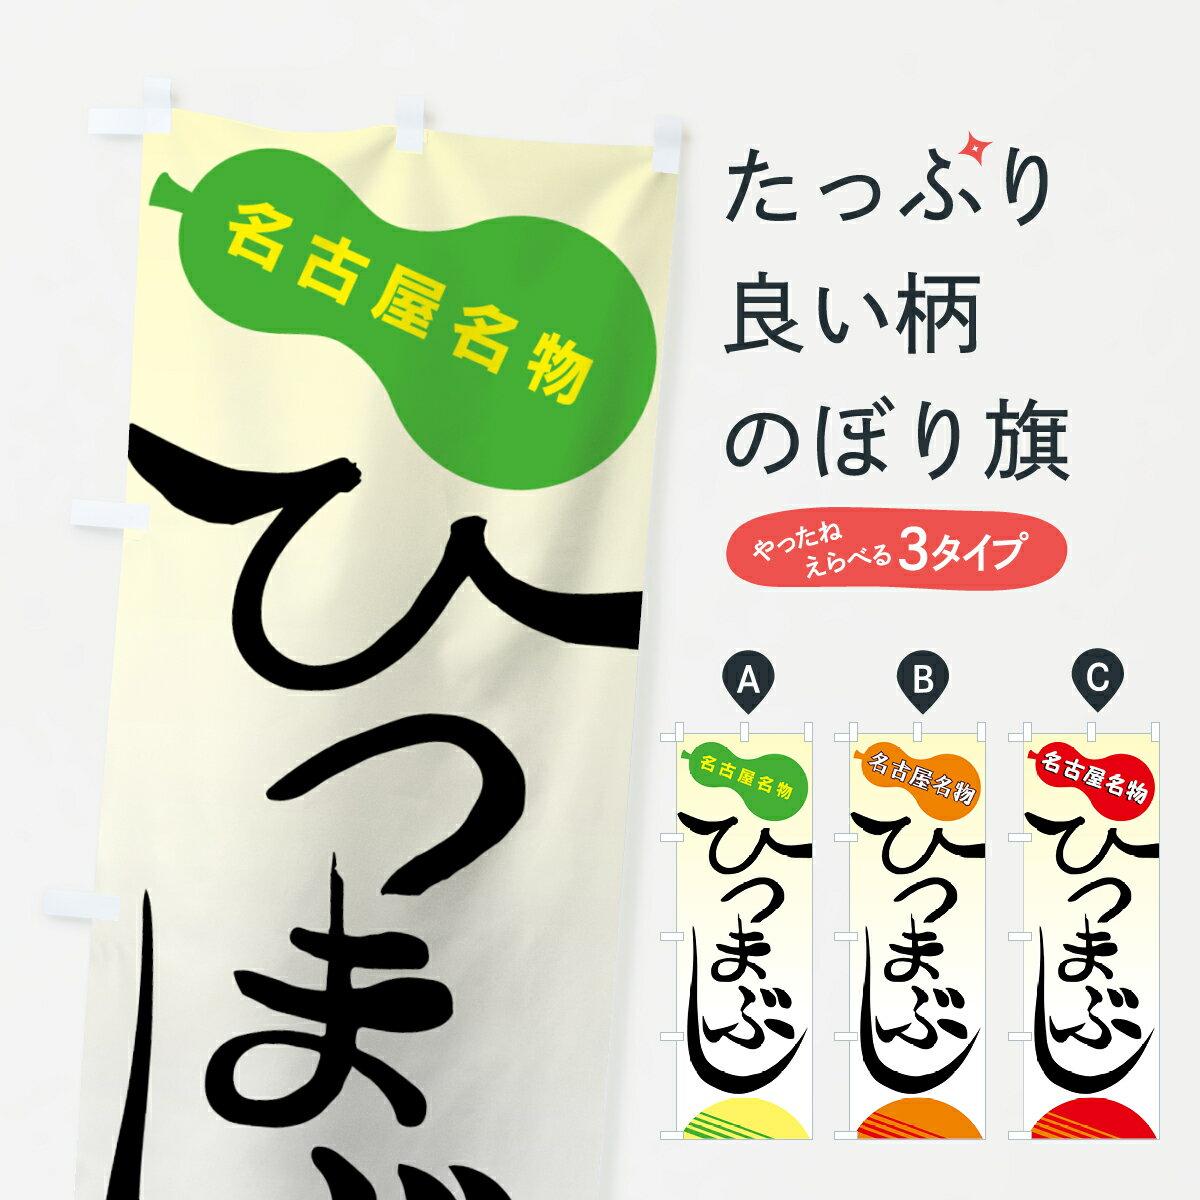 【3980送料無料】 のぼり旗 ひつまぶしのぼり 名古屋名物 うなぎ料理